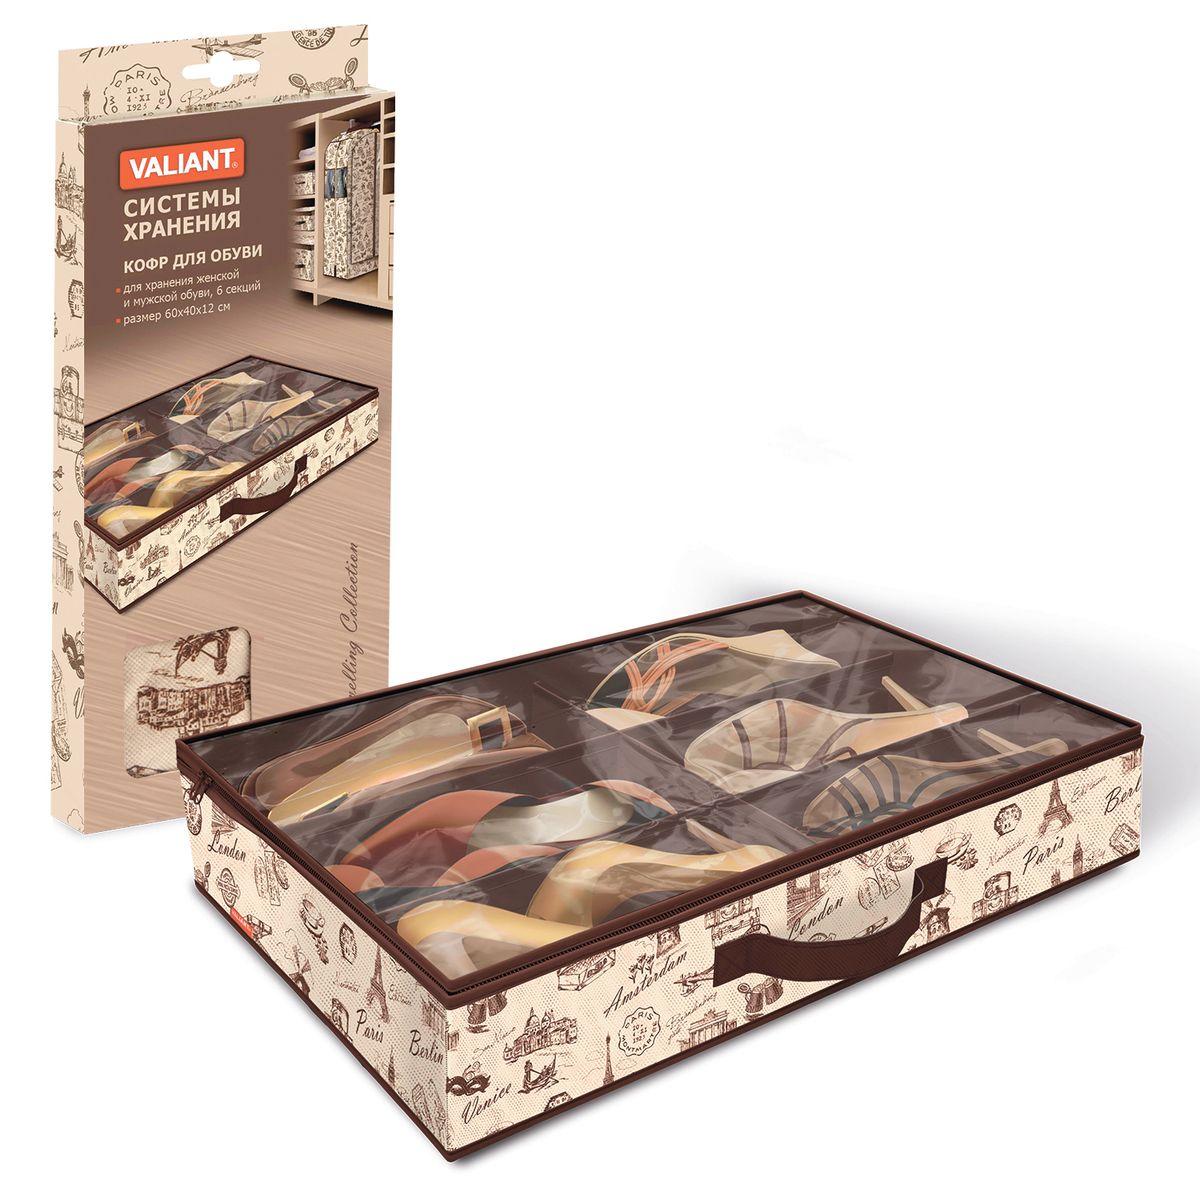 Кофр для хранения обуви Valiant Collection, 6 секций, 60 х 40 х 12 смTR-S6Вместительный кофр Valiant Collection изготовлен из высококачественного прочного нетканого материала и предназначен для долговременного хранения обуви. Кофр, закрывающийся крышкой на застежку-молнию, содержит 6 секций. Крышка из прозрачного ПВХ позволяет видеть содержимое. Для удобства в обращении имеется ручка. Кофр защитит вашу обувь от повреждений, пыли, влаги и загрязнений во время хранения и транспортировки. Он пропускает воздух и отталкивает воду. Изделие гармонично смотрится в любом интерьере, привнося в него изысканность и дизайнерскую изюминку. Кофр - это новый взгляд на систему хранения - теперь хранить вещи не только удобно, но и красиво. Размер кофра: 60 х 40 х 12 см. Количество секций: 6 шт.